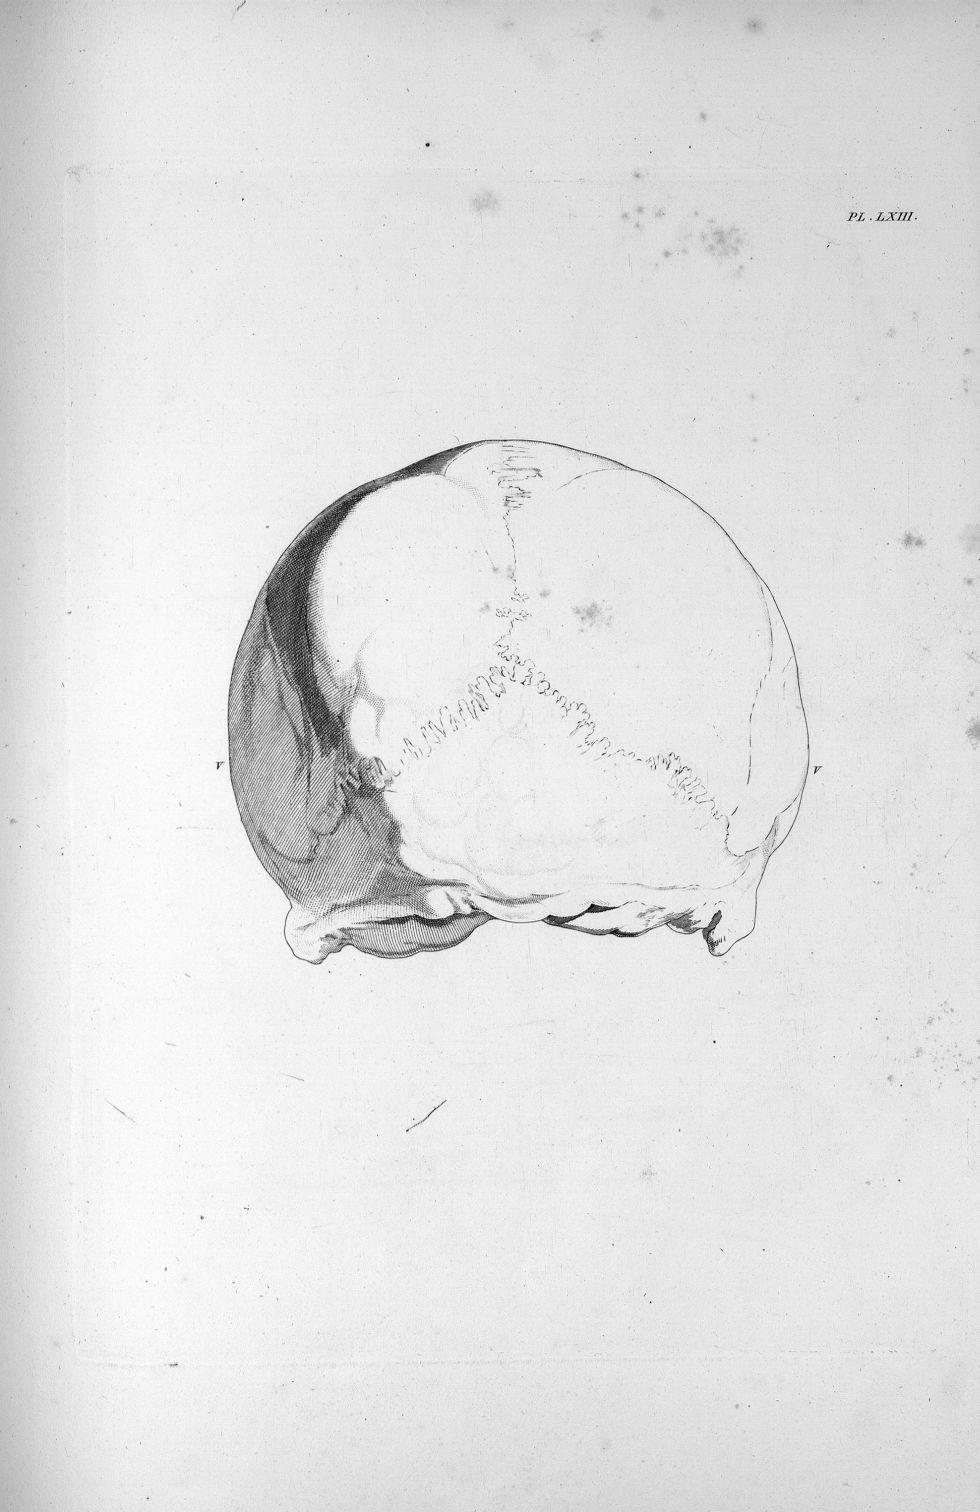 Pl. LXIII. Partie postérieure du crâne d'un homme très-courageux - Anatomie et physiologie du systèm [...] - Anatomie. Neurologie. Crânes. Phrénologie. 19e siècle (France) - med00575x03x0317